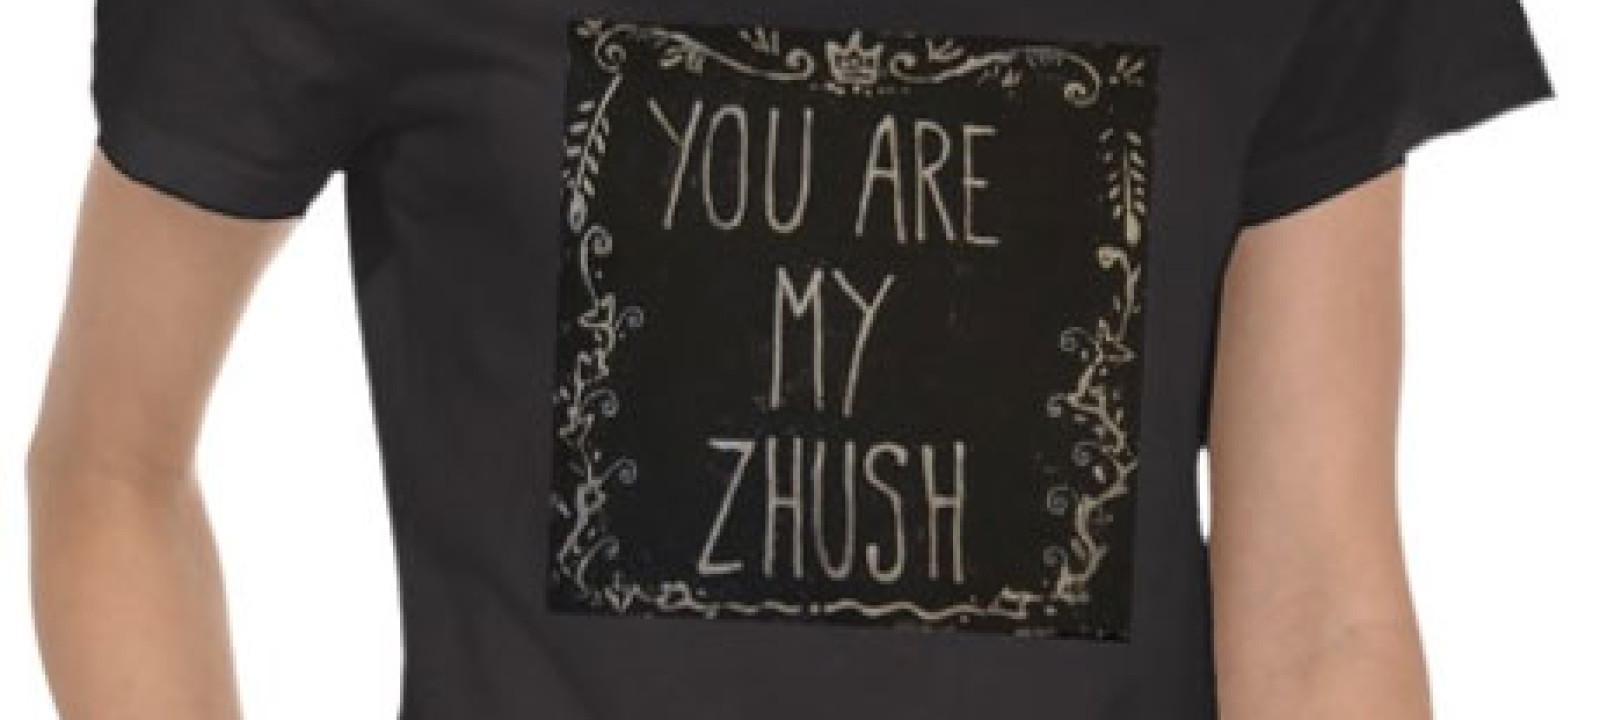 zhush